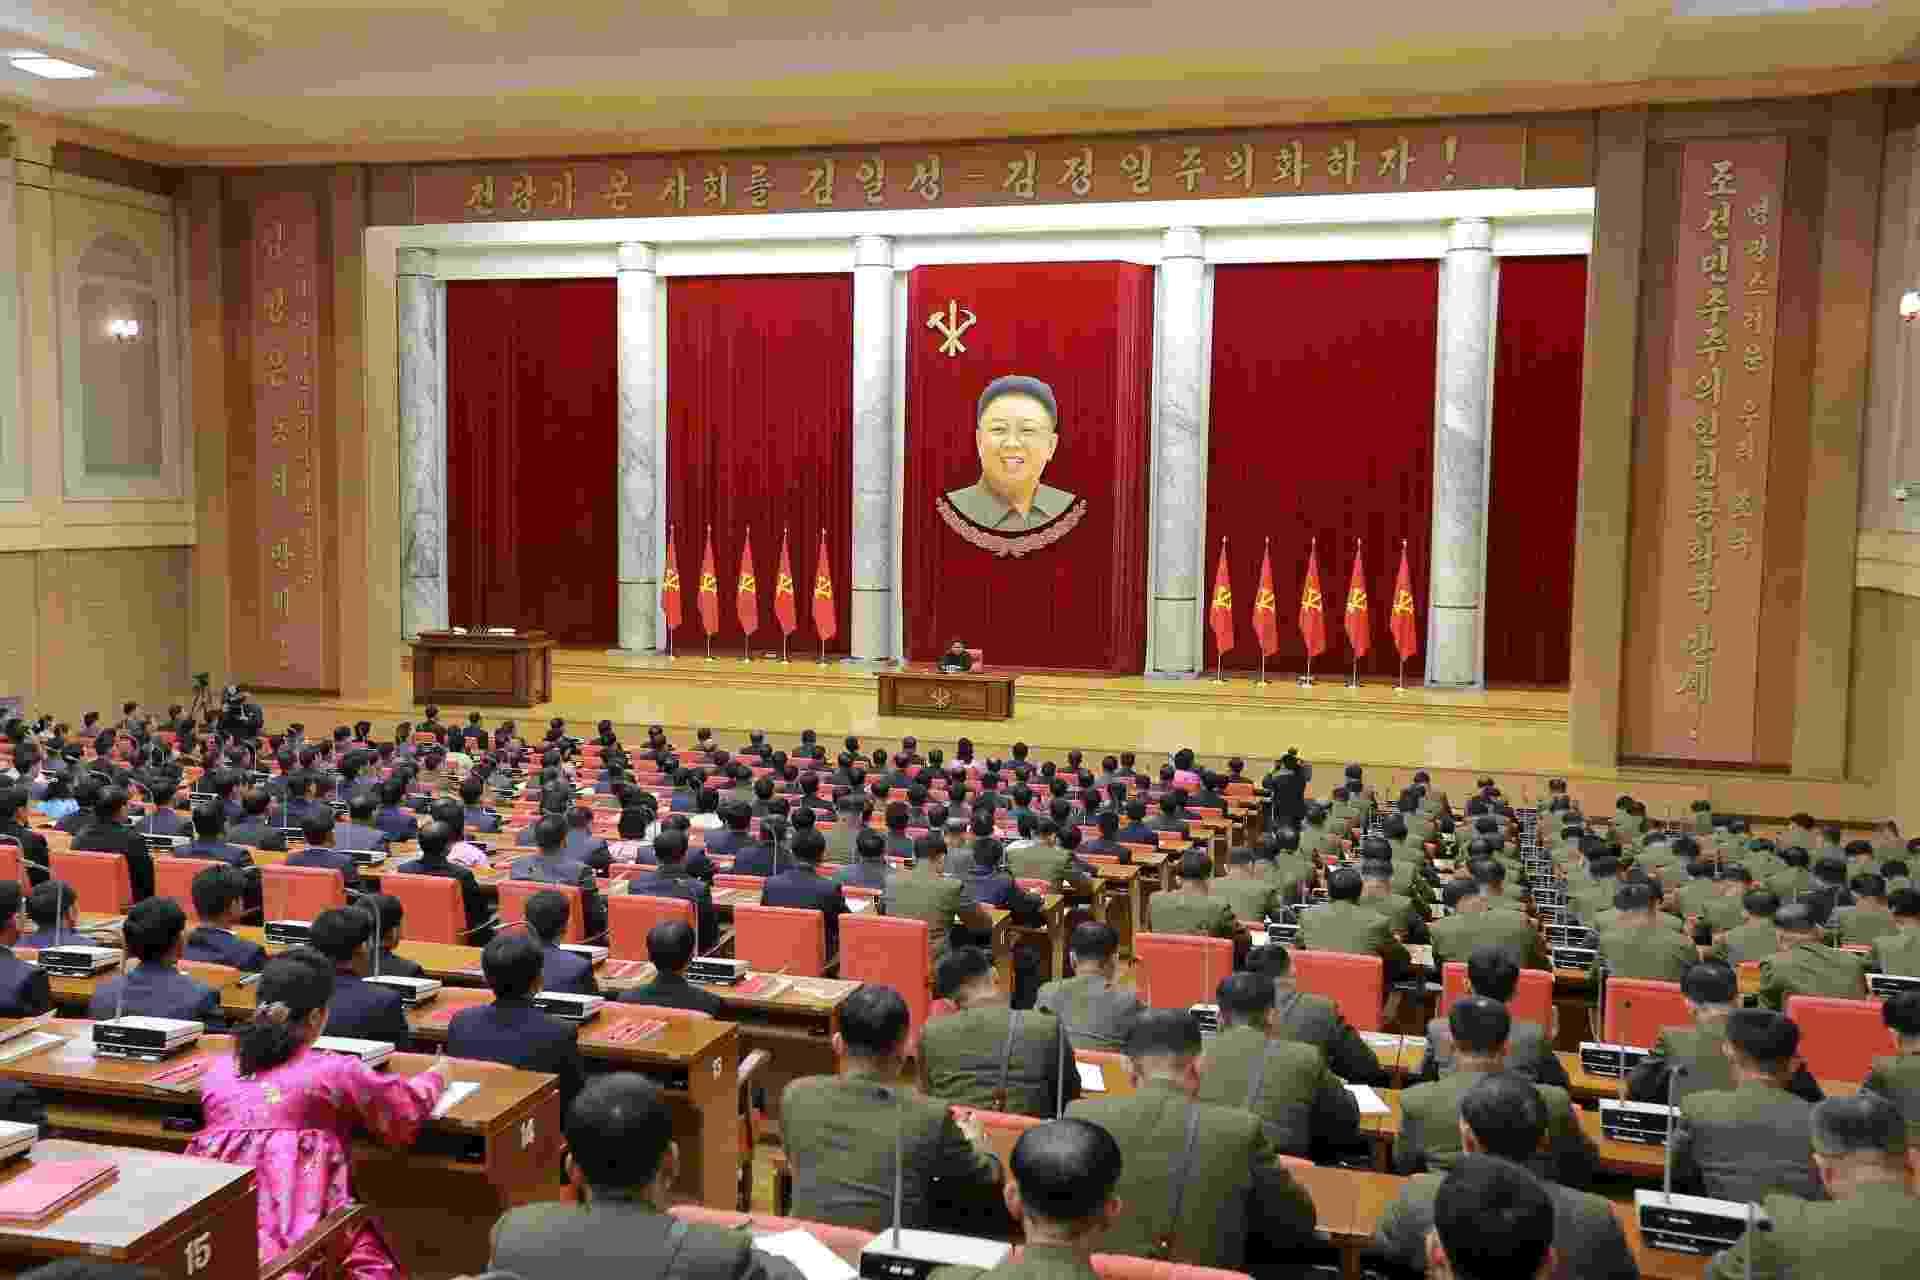 29.dez.2015 - O líder norte-coreano Kim Jong-un participa do 3º Encontro de Ativistas em Pesca sob o Exército Popular Coreano, em Pyongyang - KCNA/Reuters